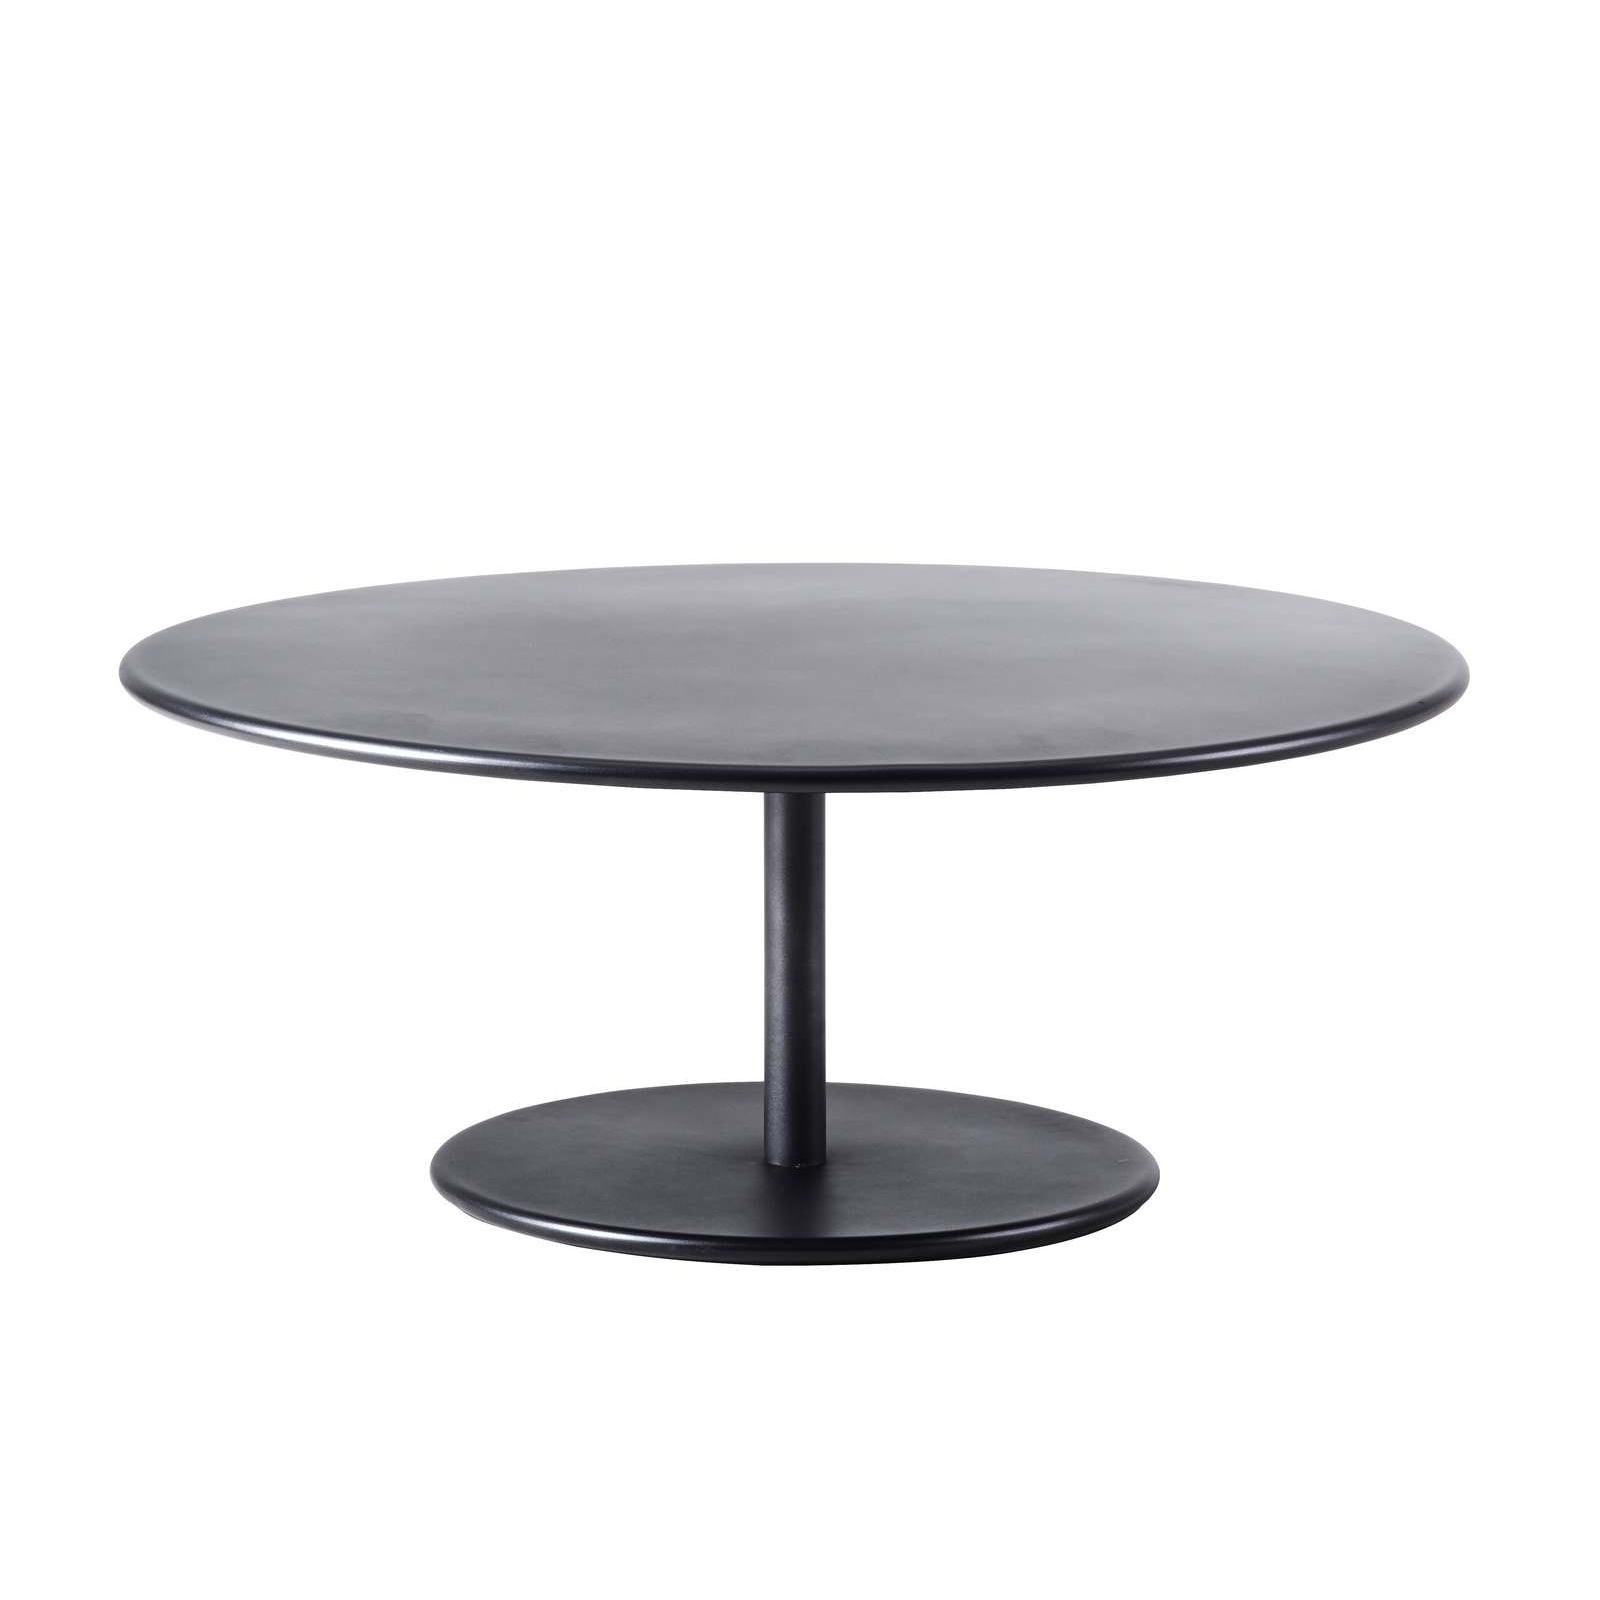 Coffee table GO Ø 110 cm lavagrå, Cane-line